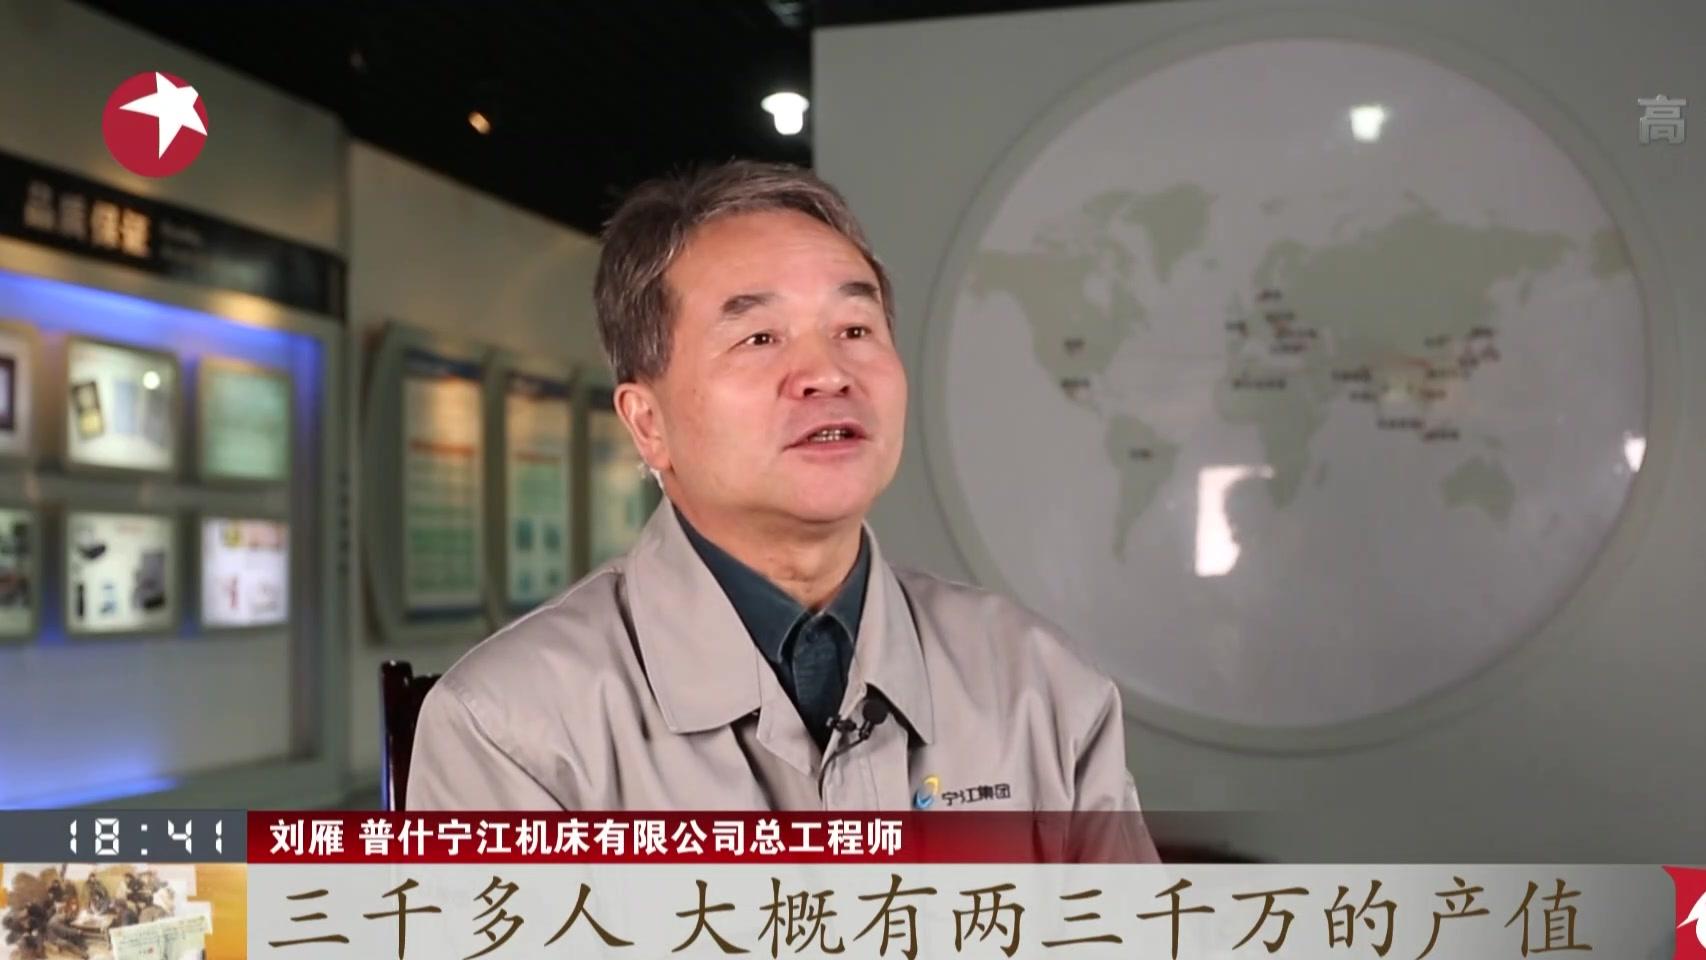 宁江机床厂:改革不停步  迈向国际先进水平